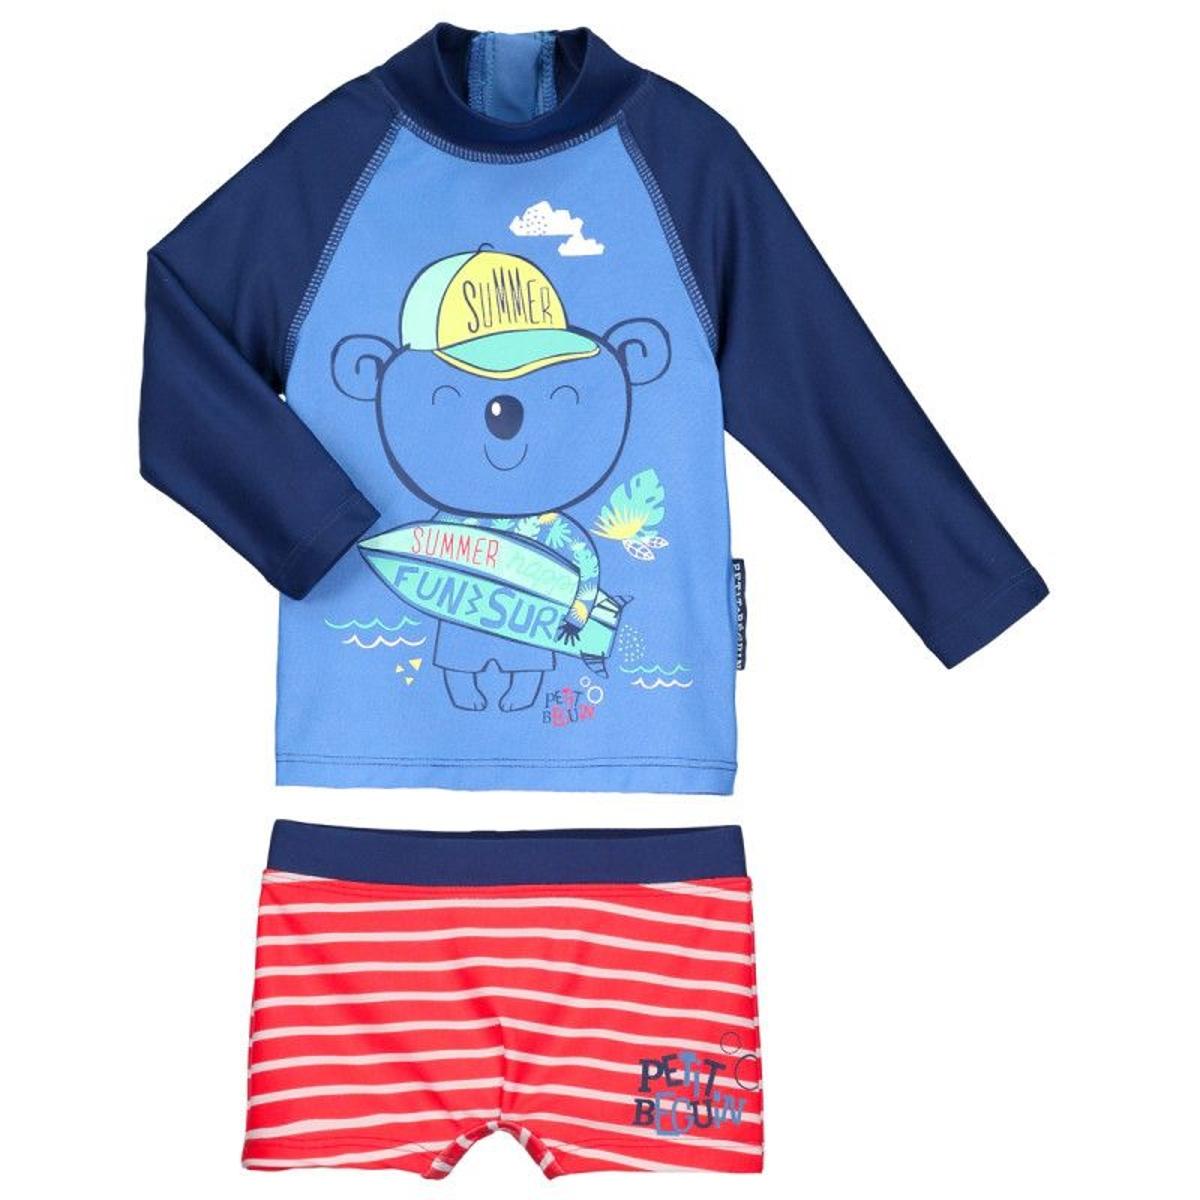 Maillot de bain ANTI-UV 2 pièces t-shirt & boxer bébé garçon Happy Summer